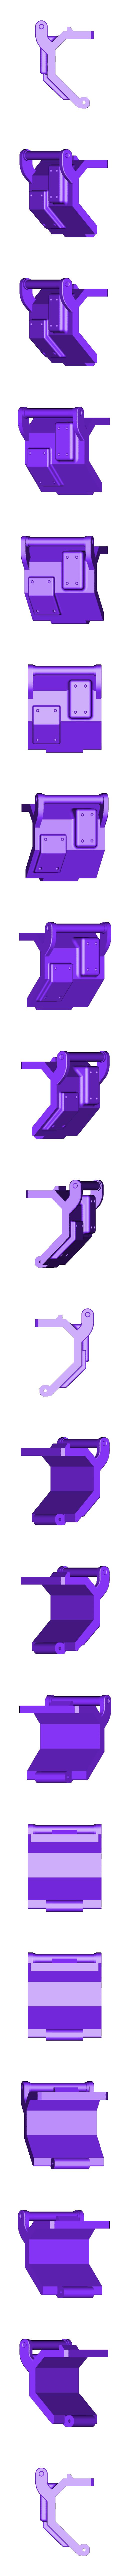 BodyT2_04_Hatch_OliveGreen.stl Download STL file Heavy Gun Walker • 3D print design, Jwoong